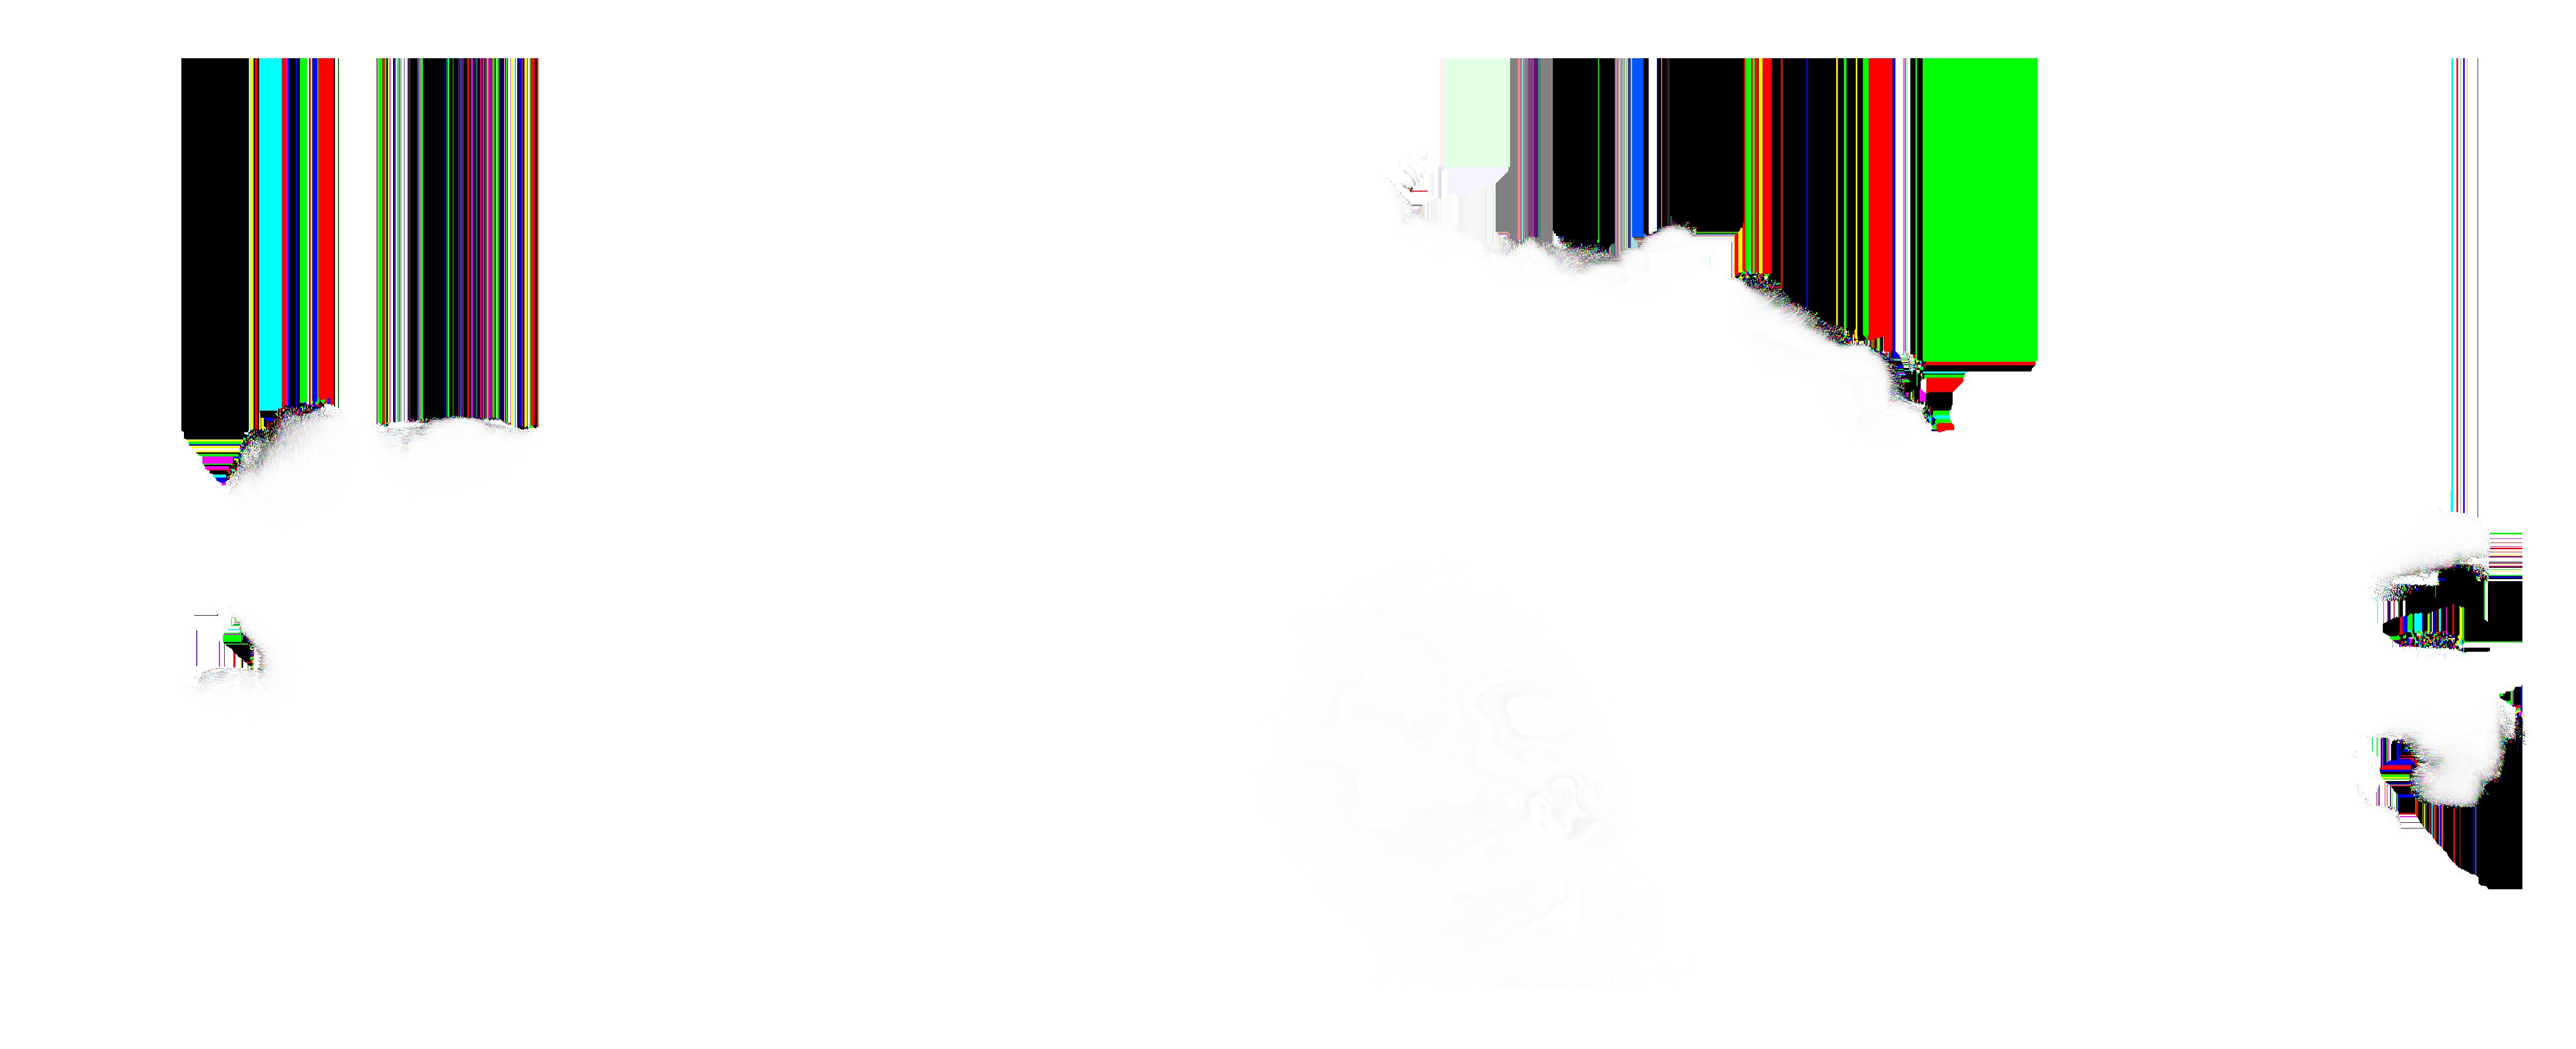 Big White Cloud PNG Clipart - Best WEB Clipart